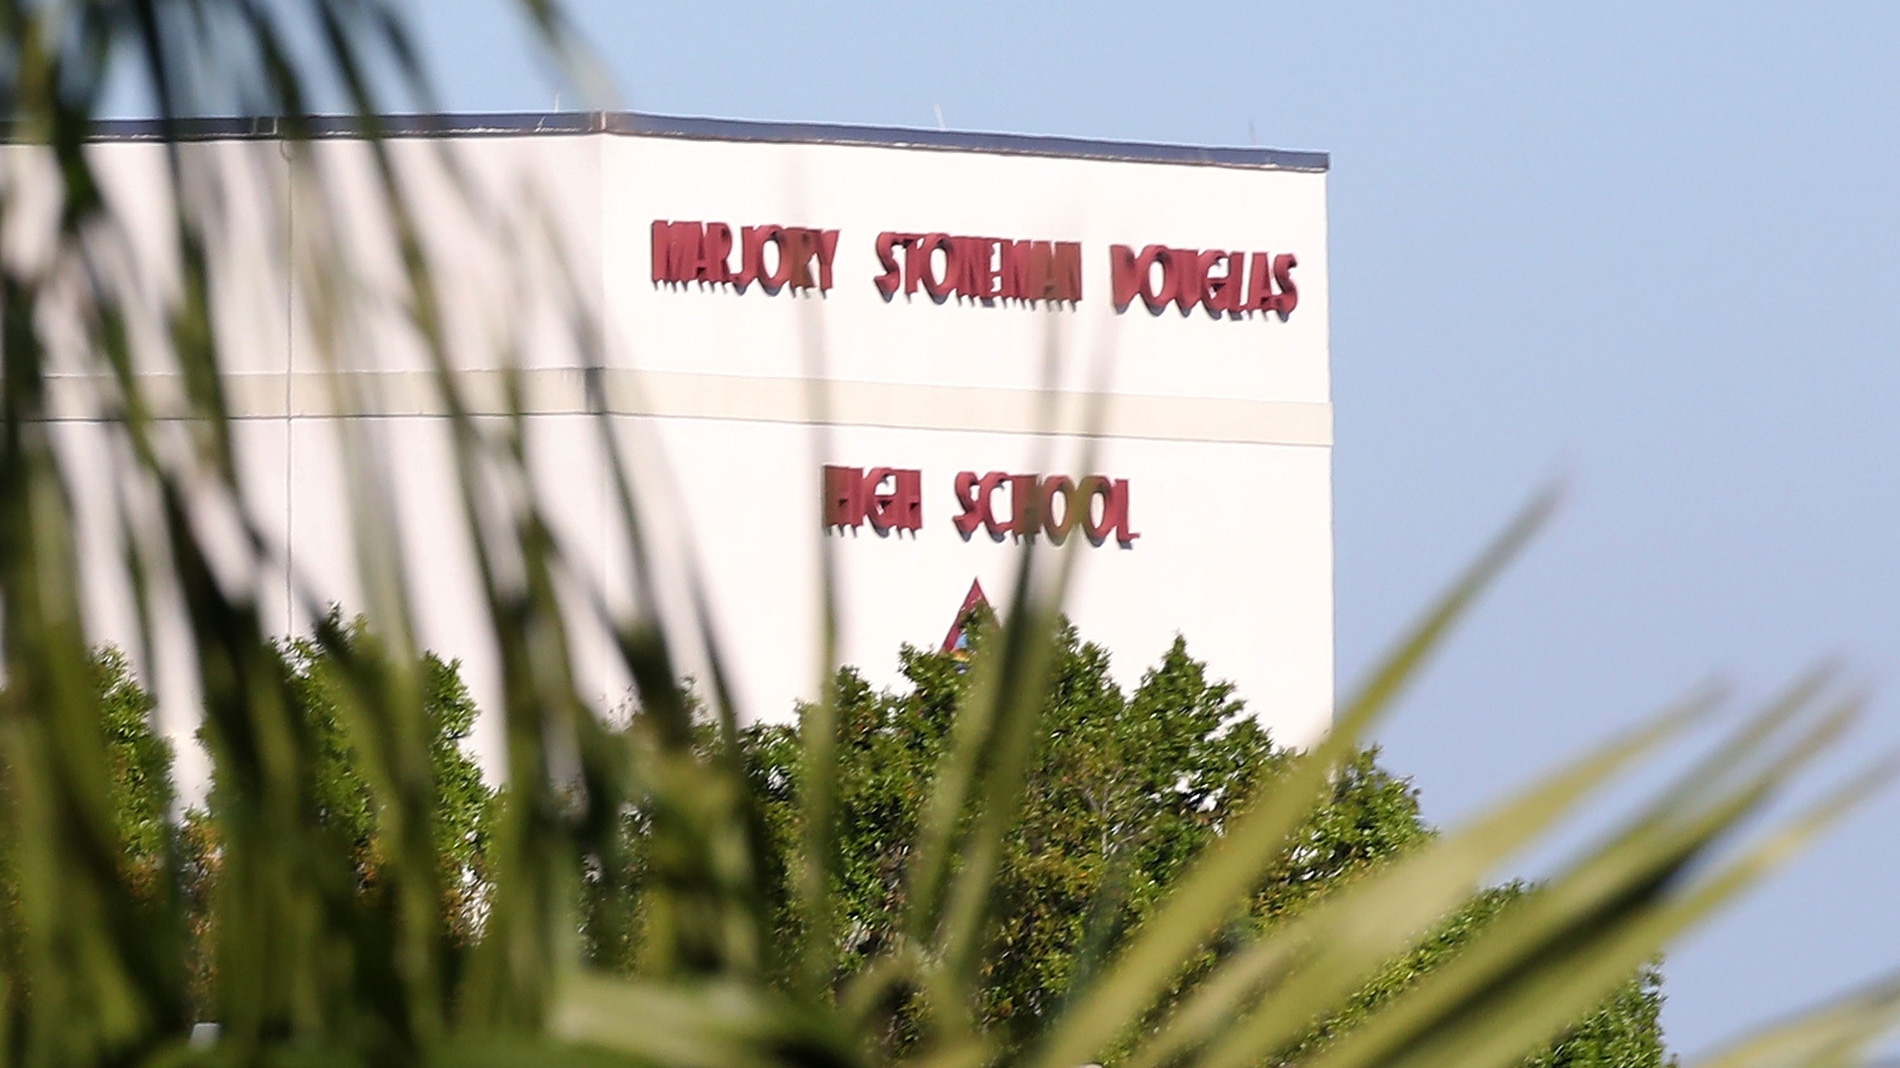 La escuela de Parkland donde se produjo la matanza de 17 personas se convertirá en un memorial